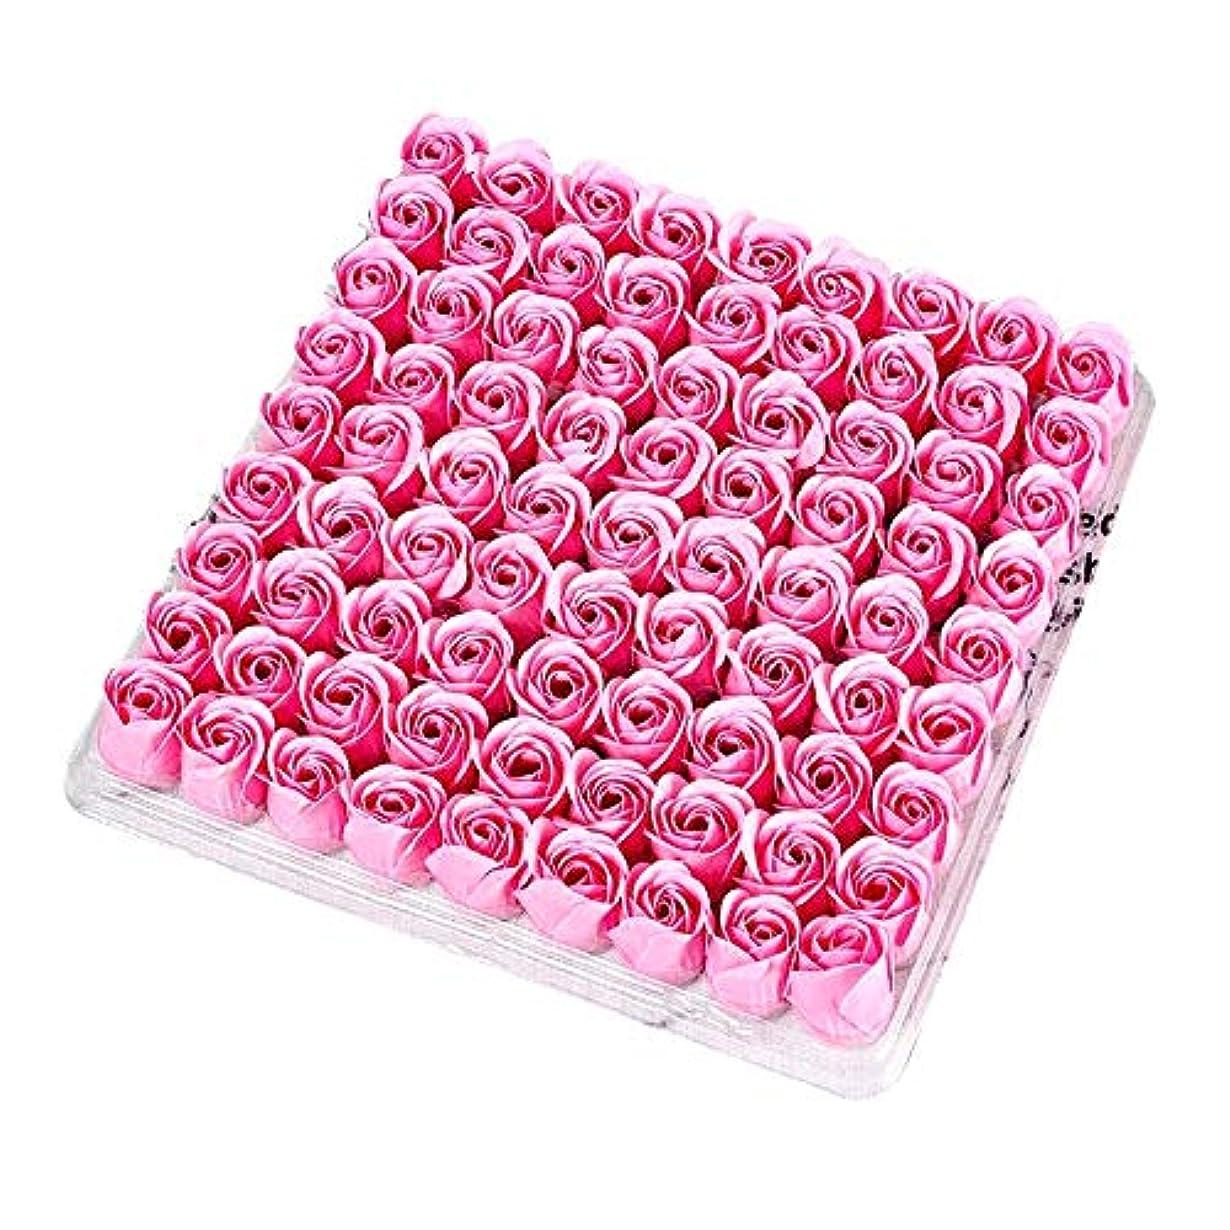 オーバードロー排泄する損傷SODIAL 81個の薔薇、バス ボディ フラワー?フローラルの石けん 香りのよいローズフラワー エッセンシャルオイル フローラルのお客様への石鹸 ウェディング、パーティー、バレンタインデーの贈り物、ピンク